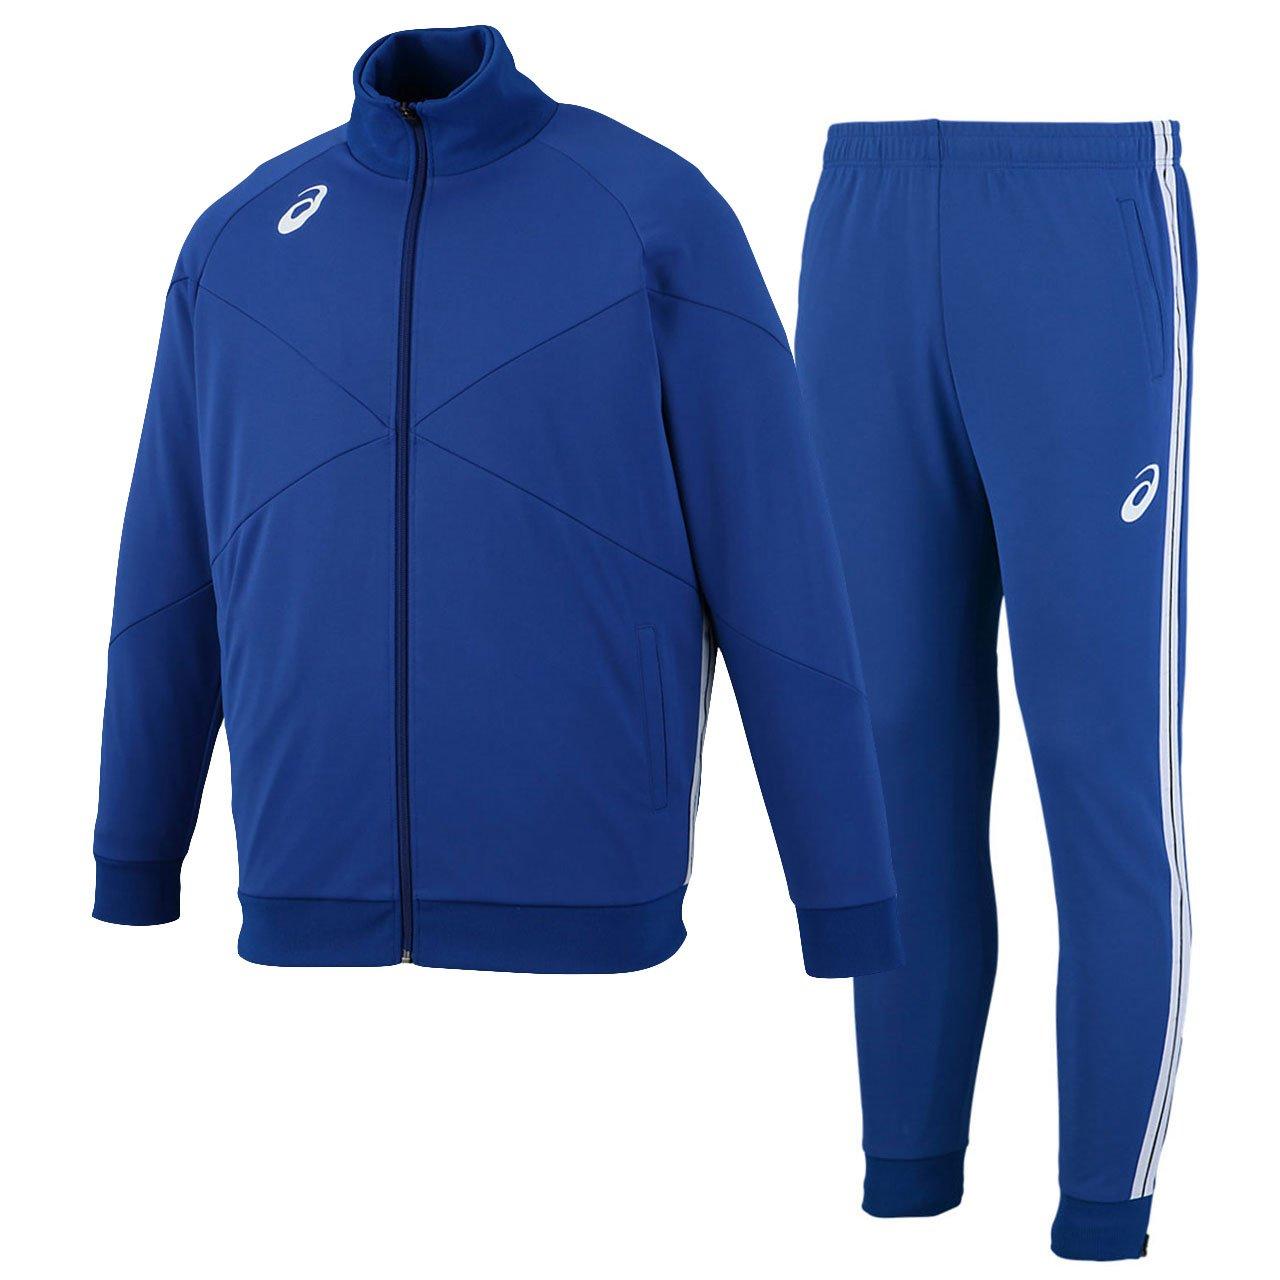 アシックス(asics) トレーニングジャケット&トレーニングパンツ 上下セット(ブルー/ブルー) XST184-45-XST284-45 B079TKS1FW S|ブルー/ブルー ブルー/ブルー S